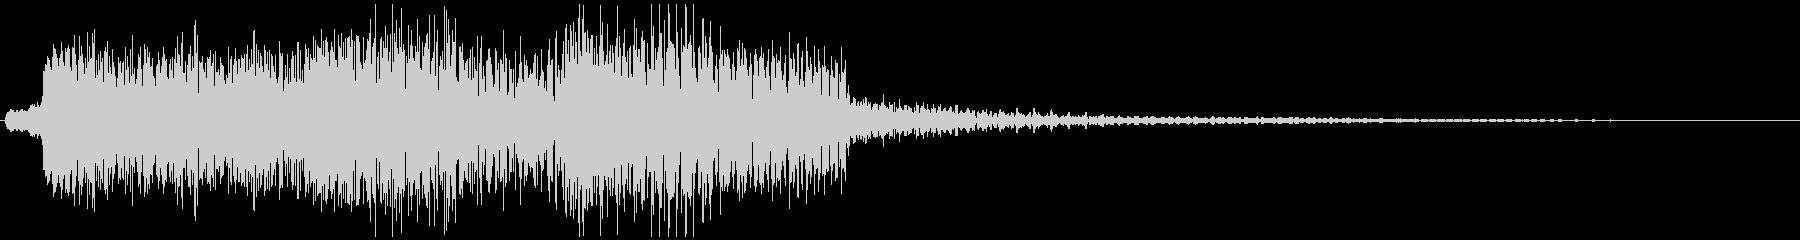 キラリと温かいベルとシンセのロゴ(3秒)の未再生の波形